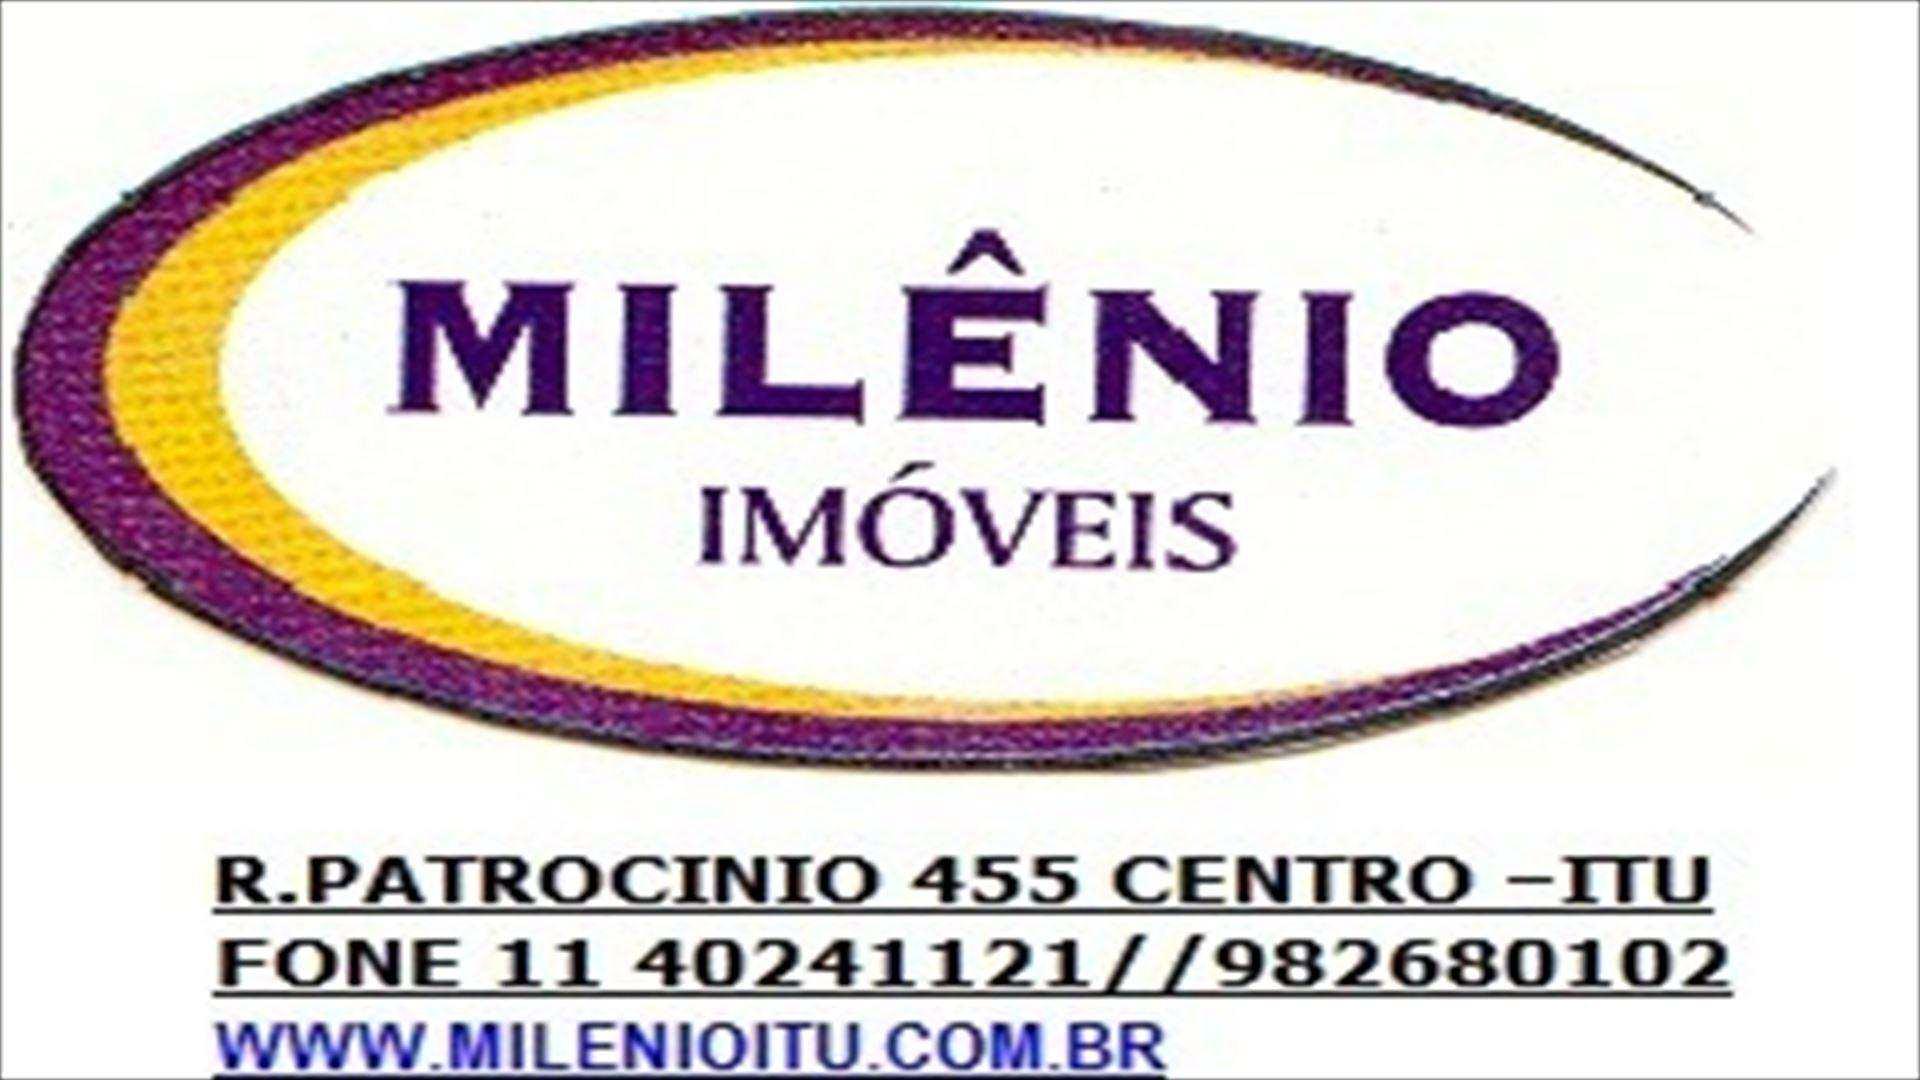 177800-LOGO_TIPO_MILENIO1.jpg